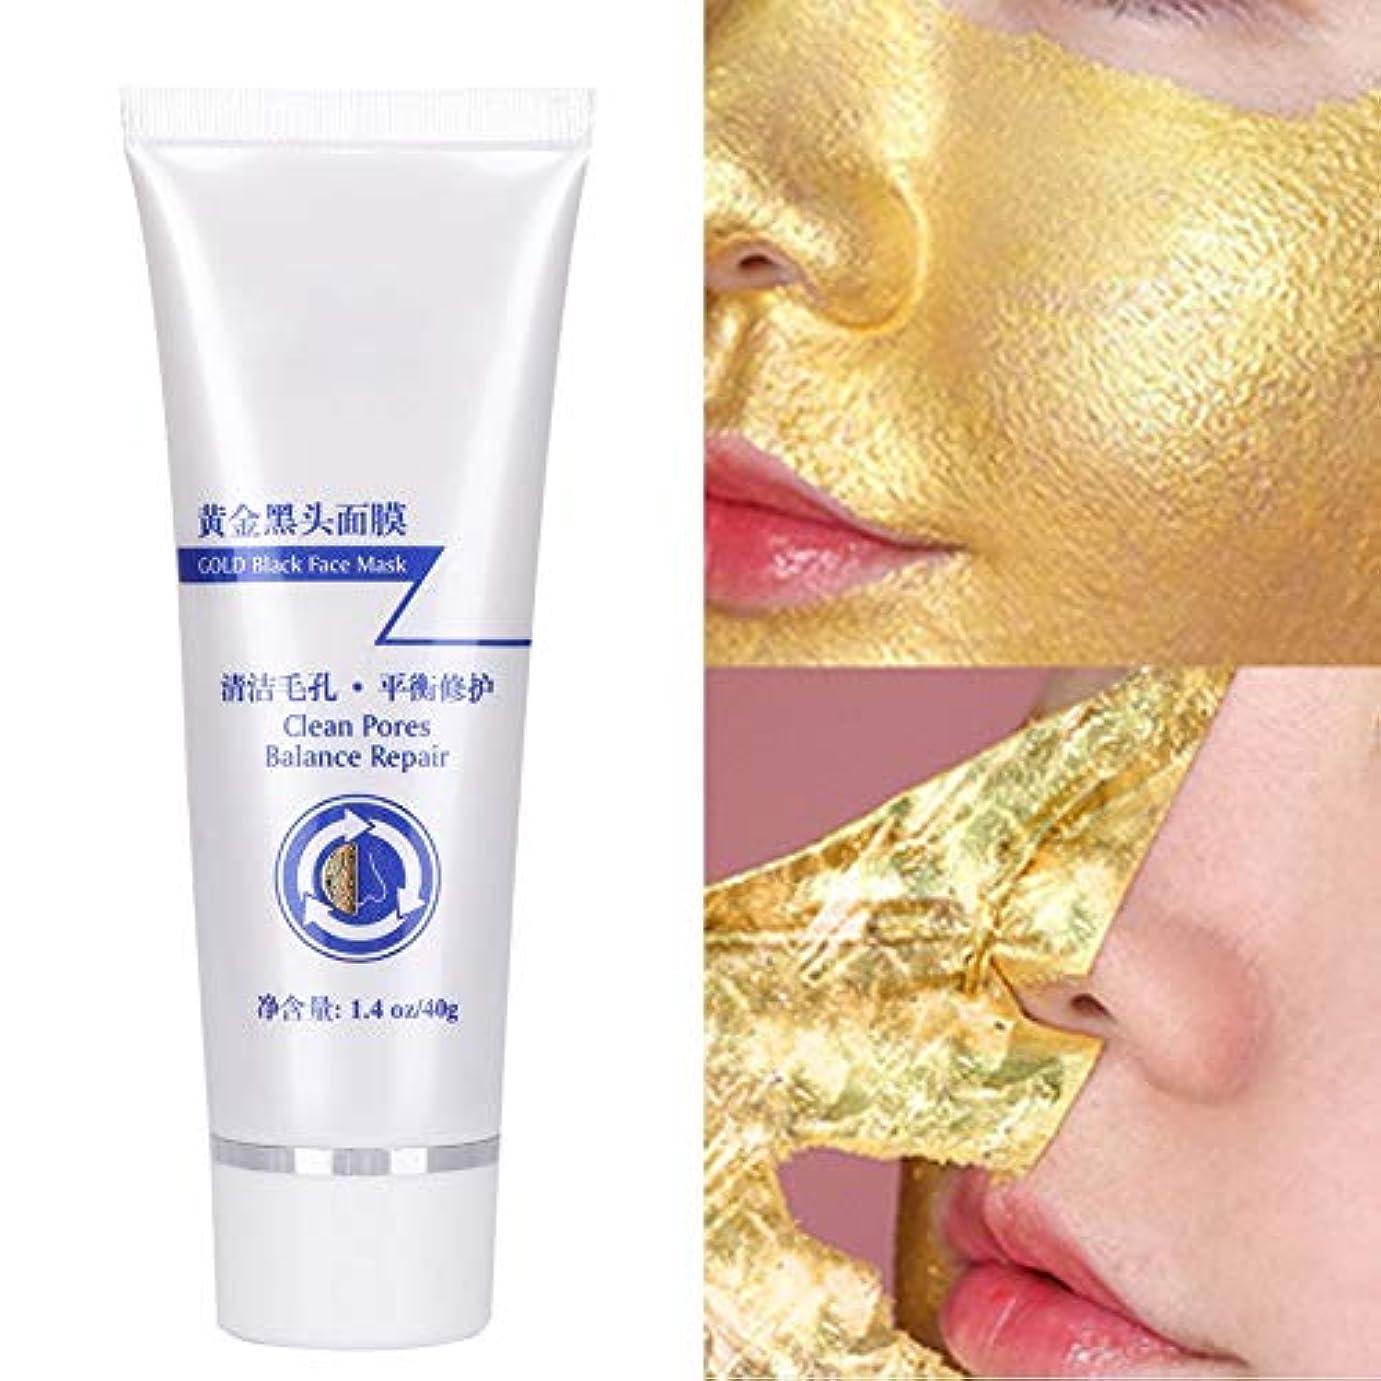 真似る発掘酸化する40g クリーニング オフフェイス マスク ポアクリーニングリペアマスク